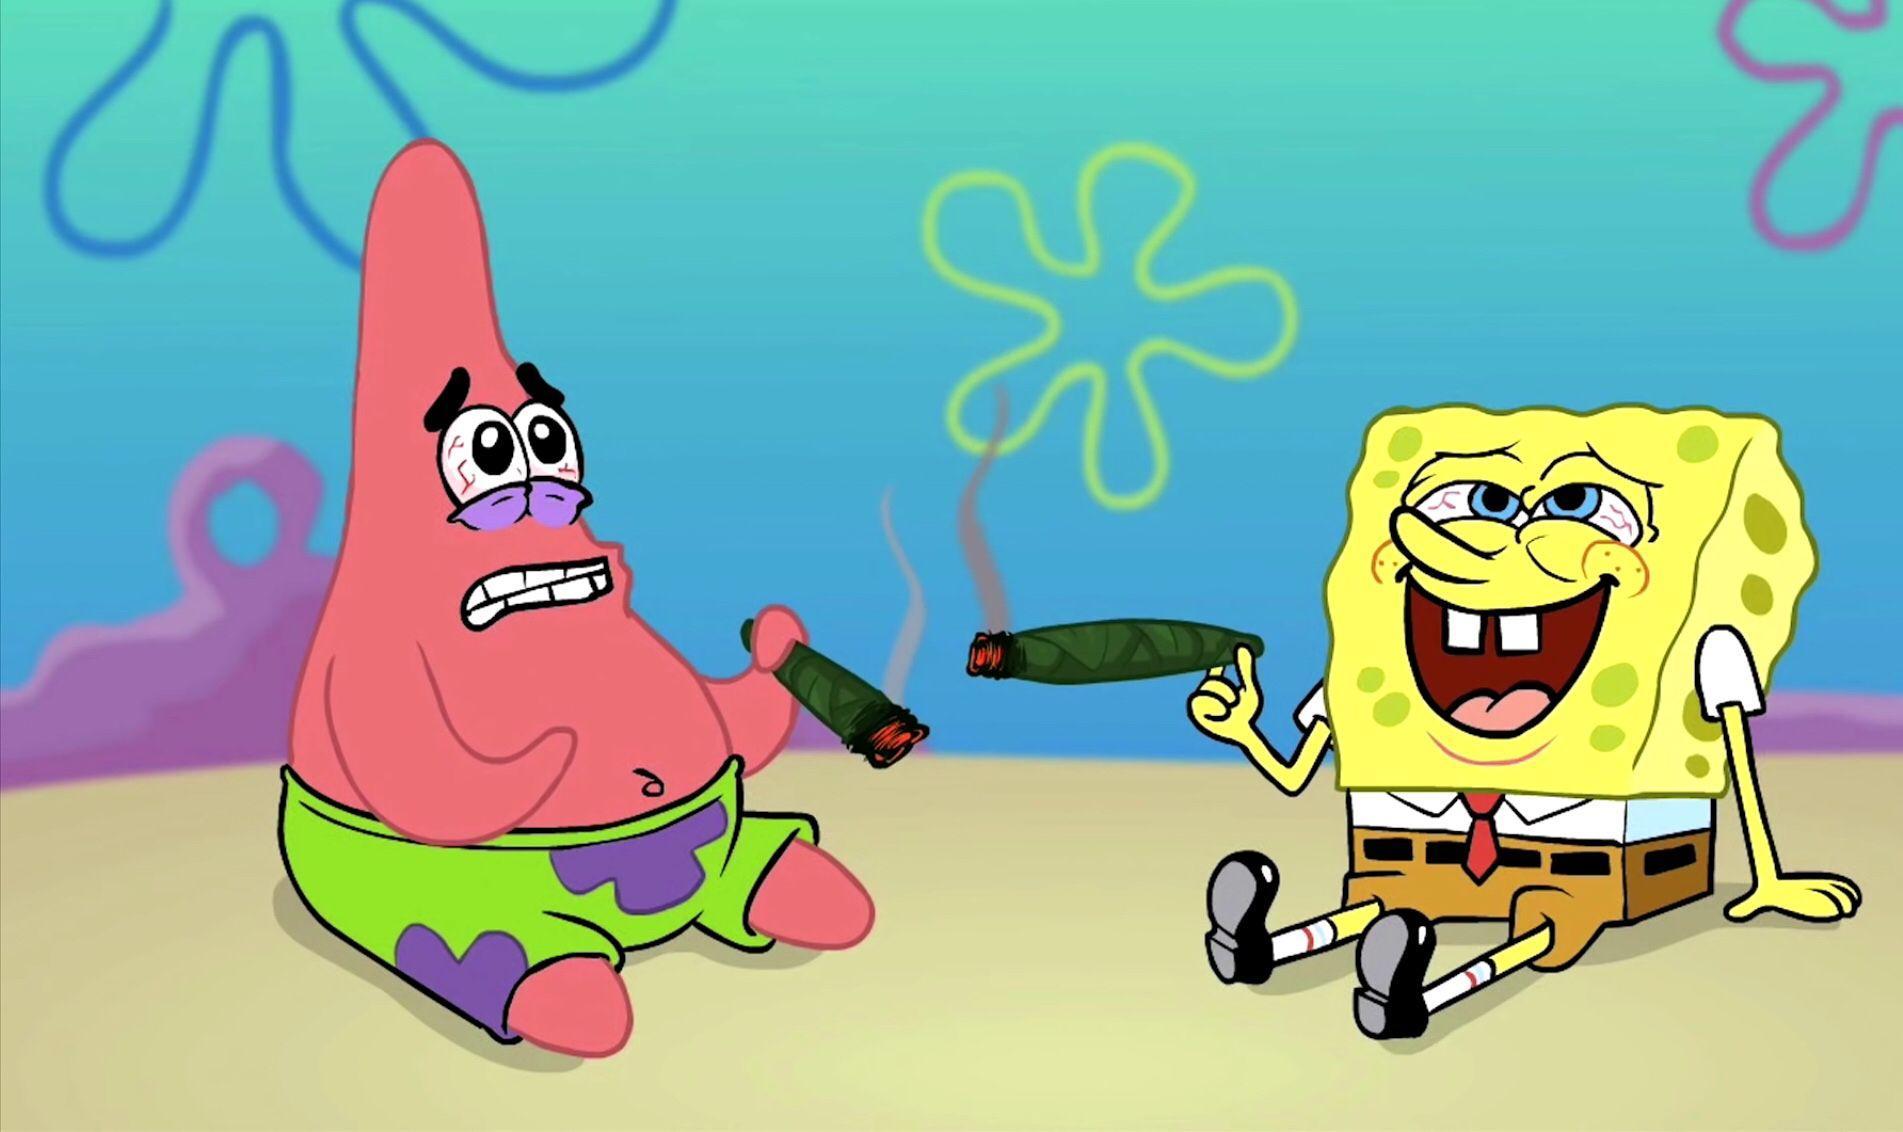 Iphone Spongebob Wallpaper June 2011